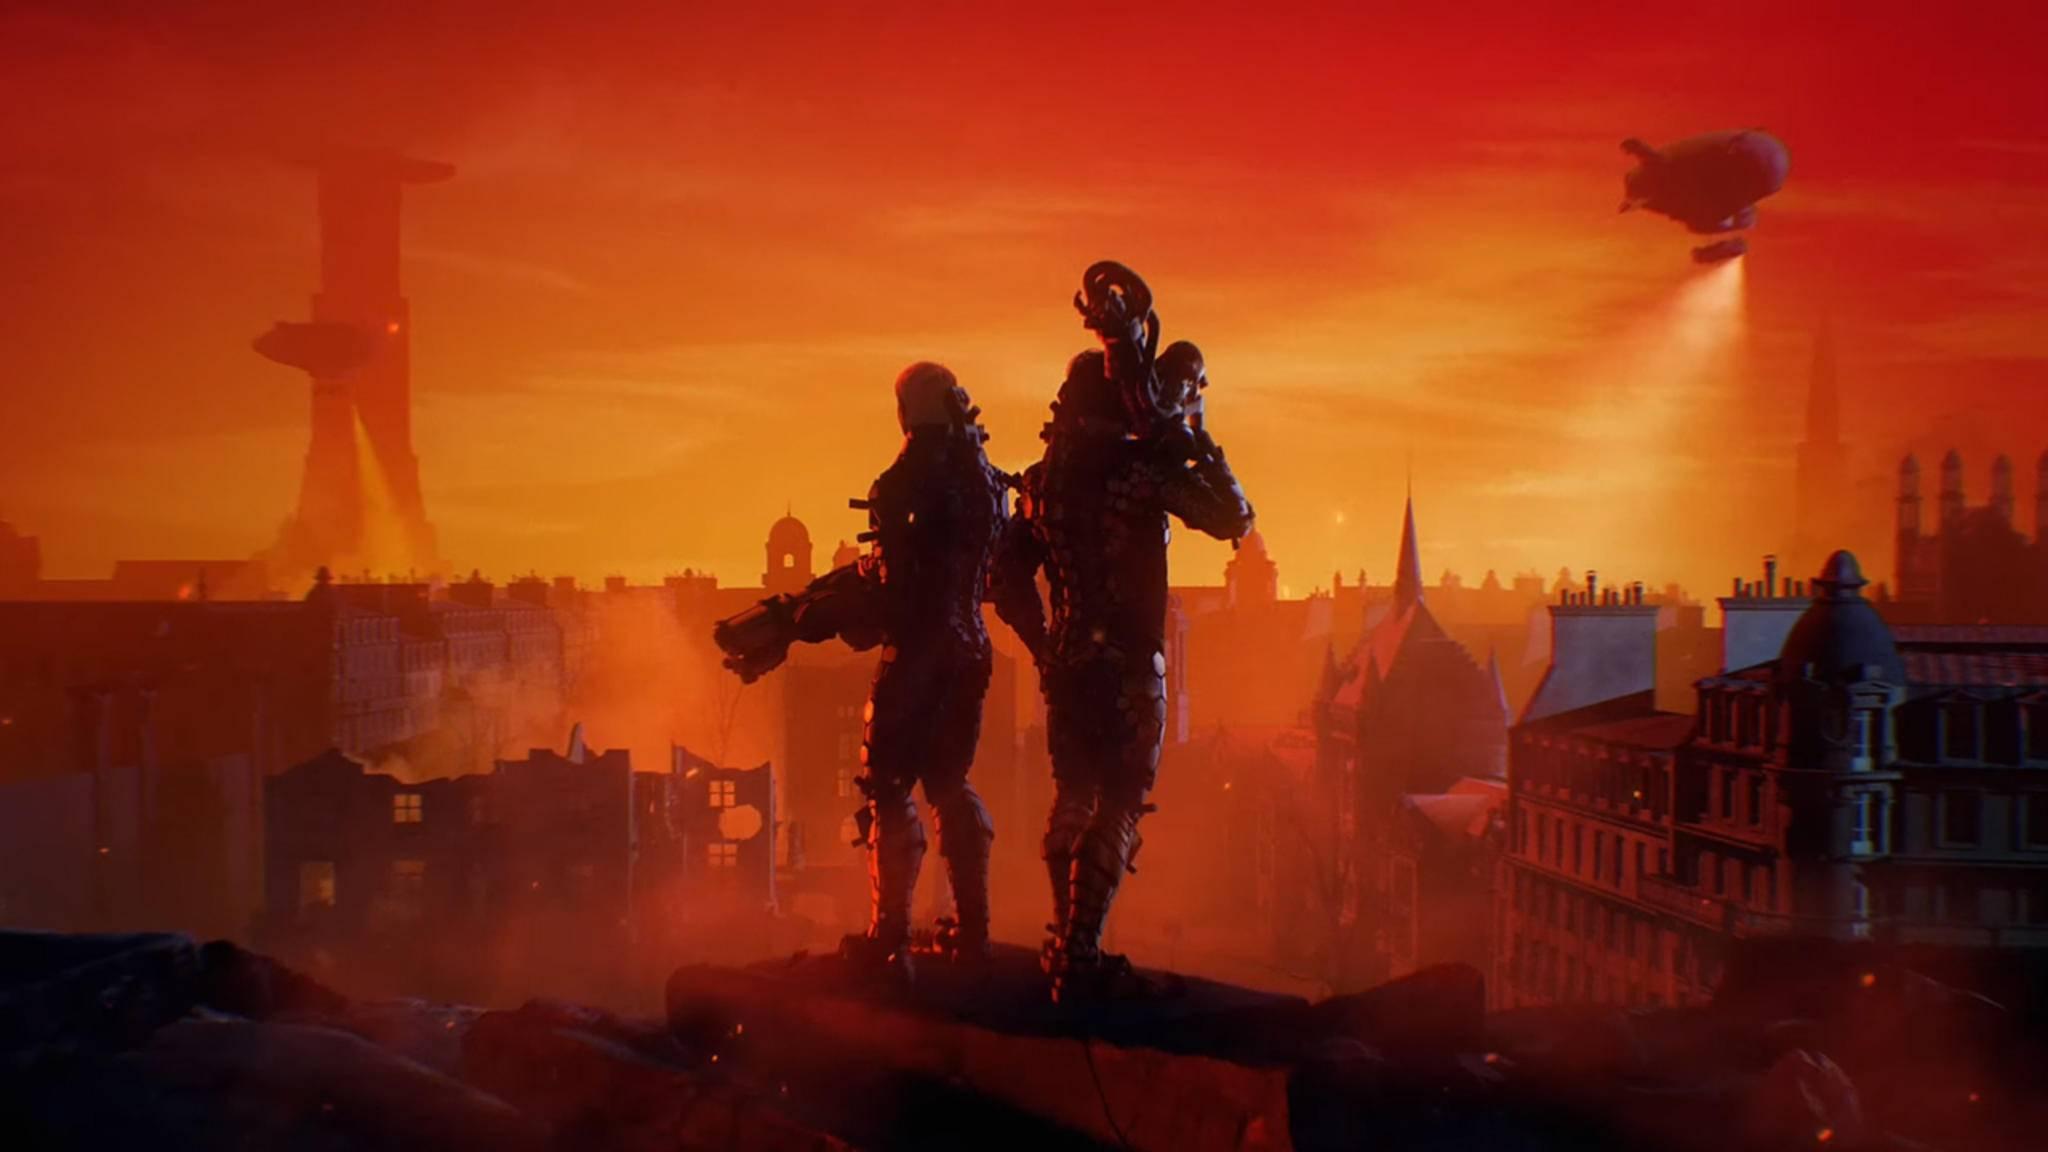 """Ist mit dem """"nächsten 'Wolfenstein'"""" der Koop-Shooter """"Youngblood"""" gemeint?"""